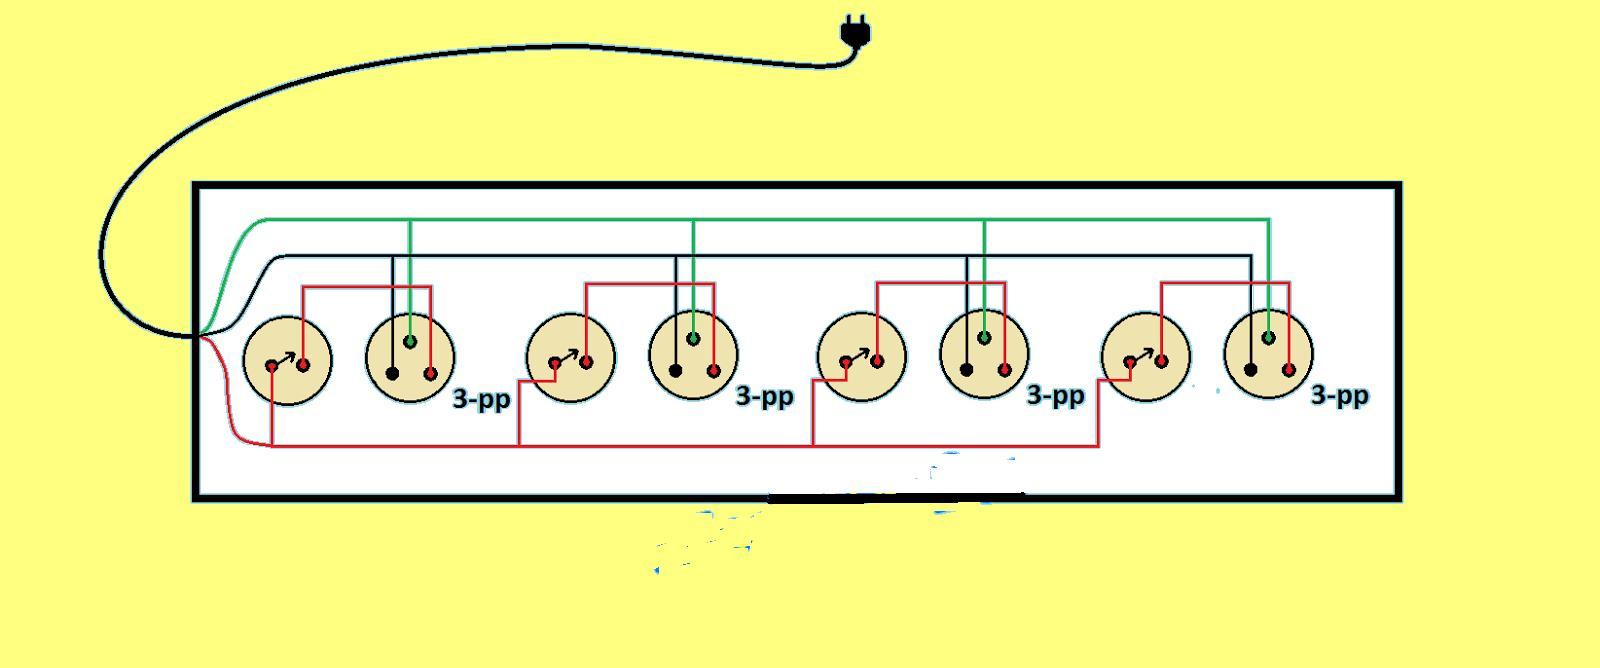 extension wiring diagram [ 1600 x 668 Pixel ]